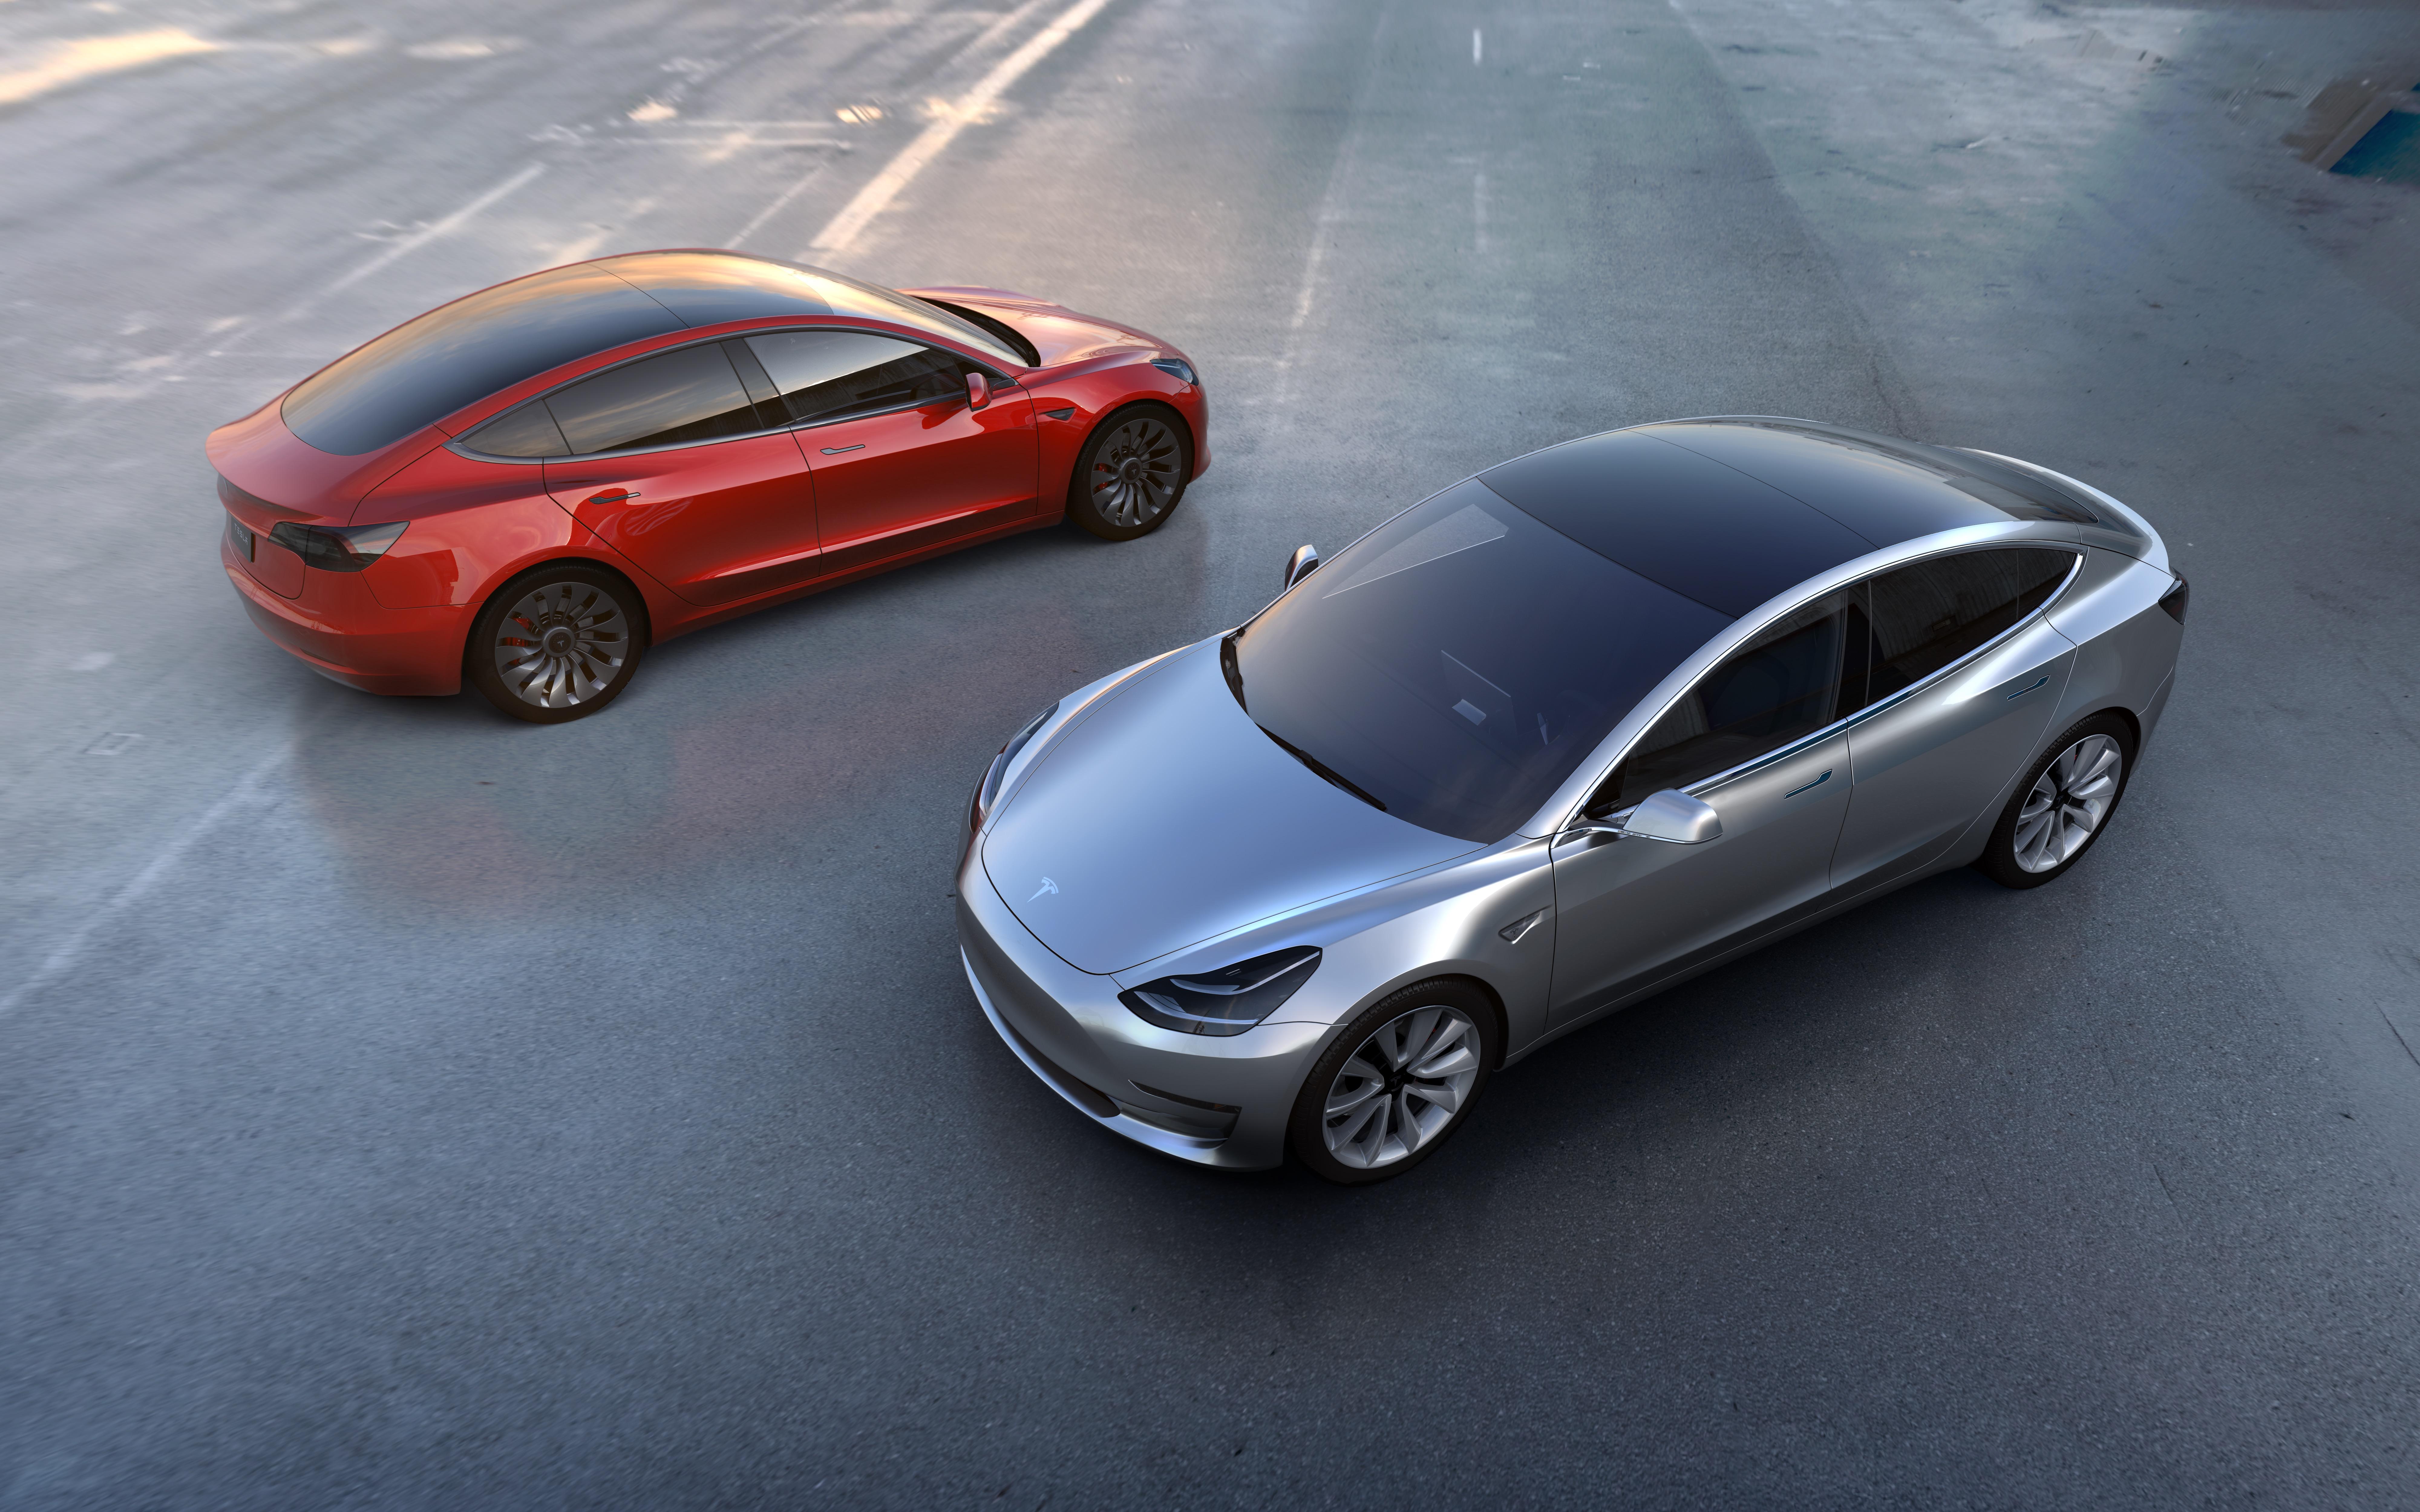 Two prototype Tesla Model 3 sedans